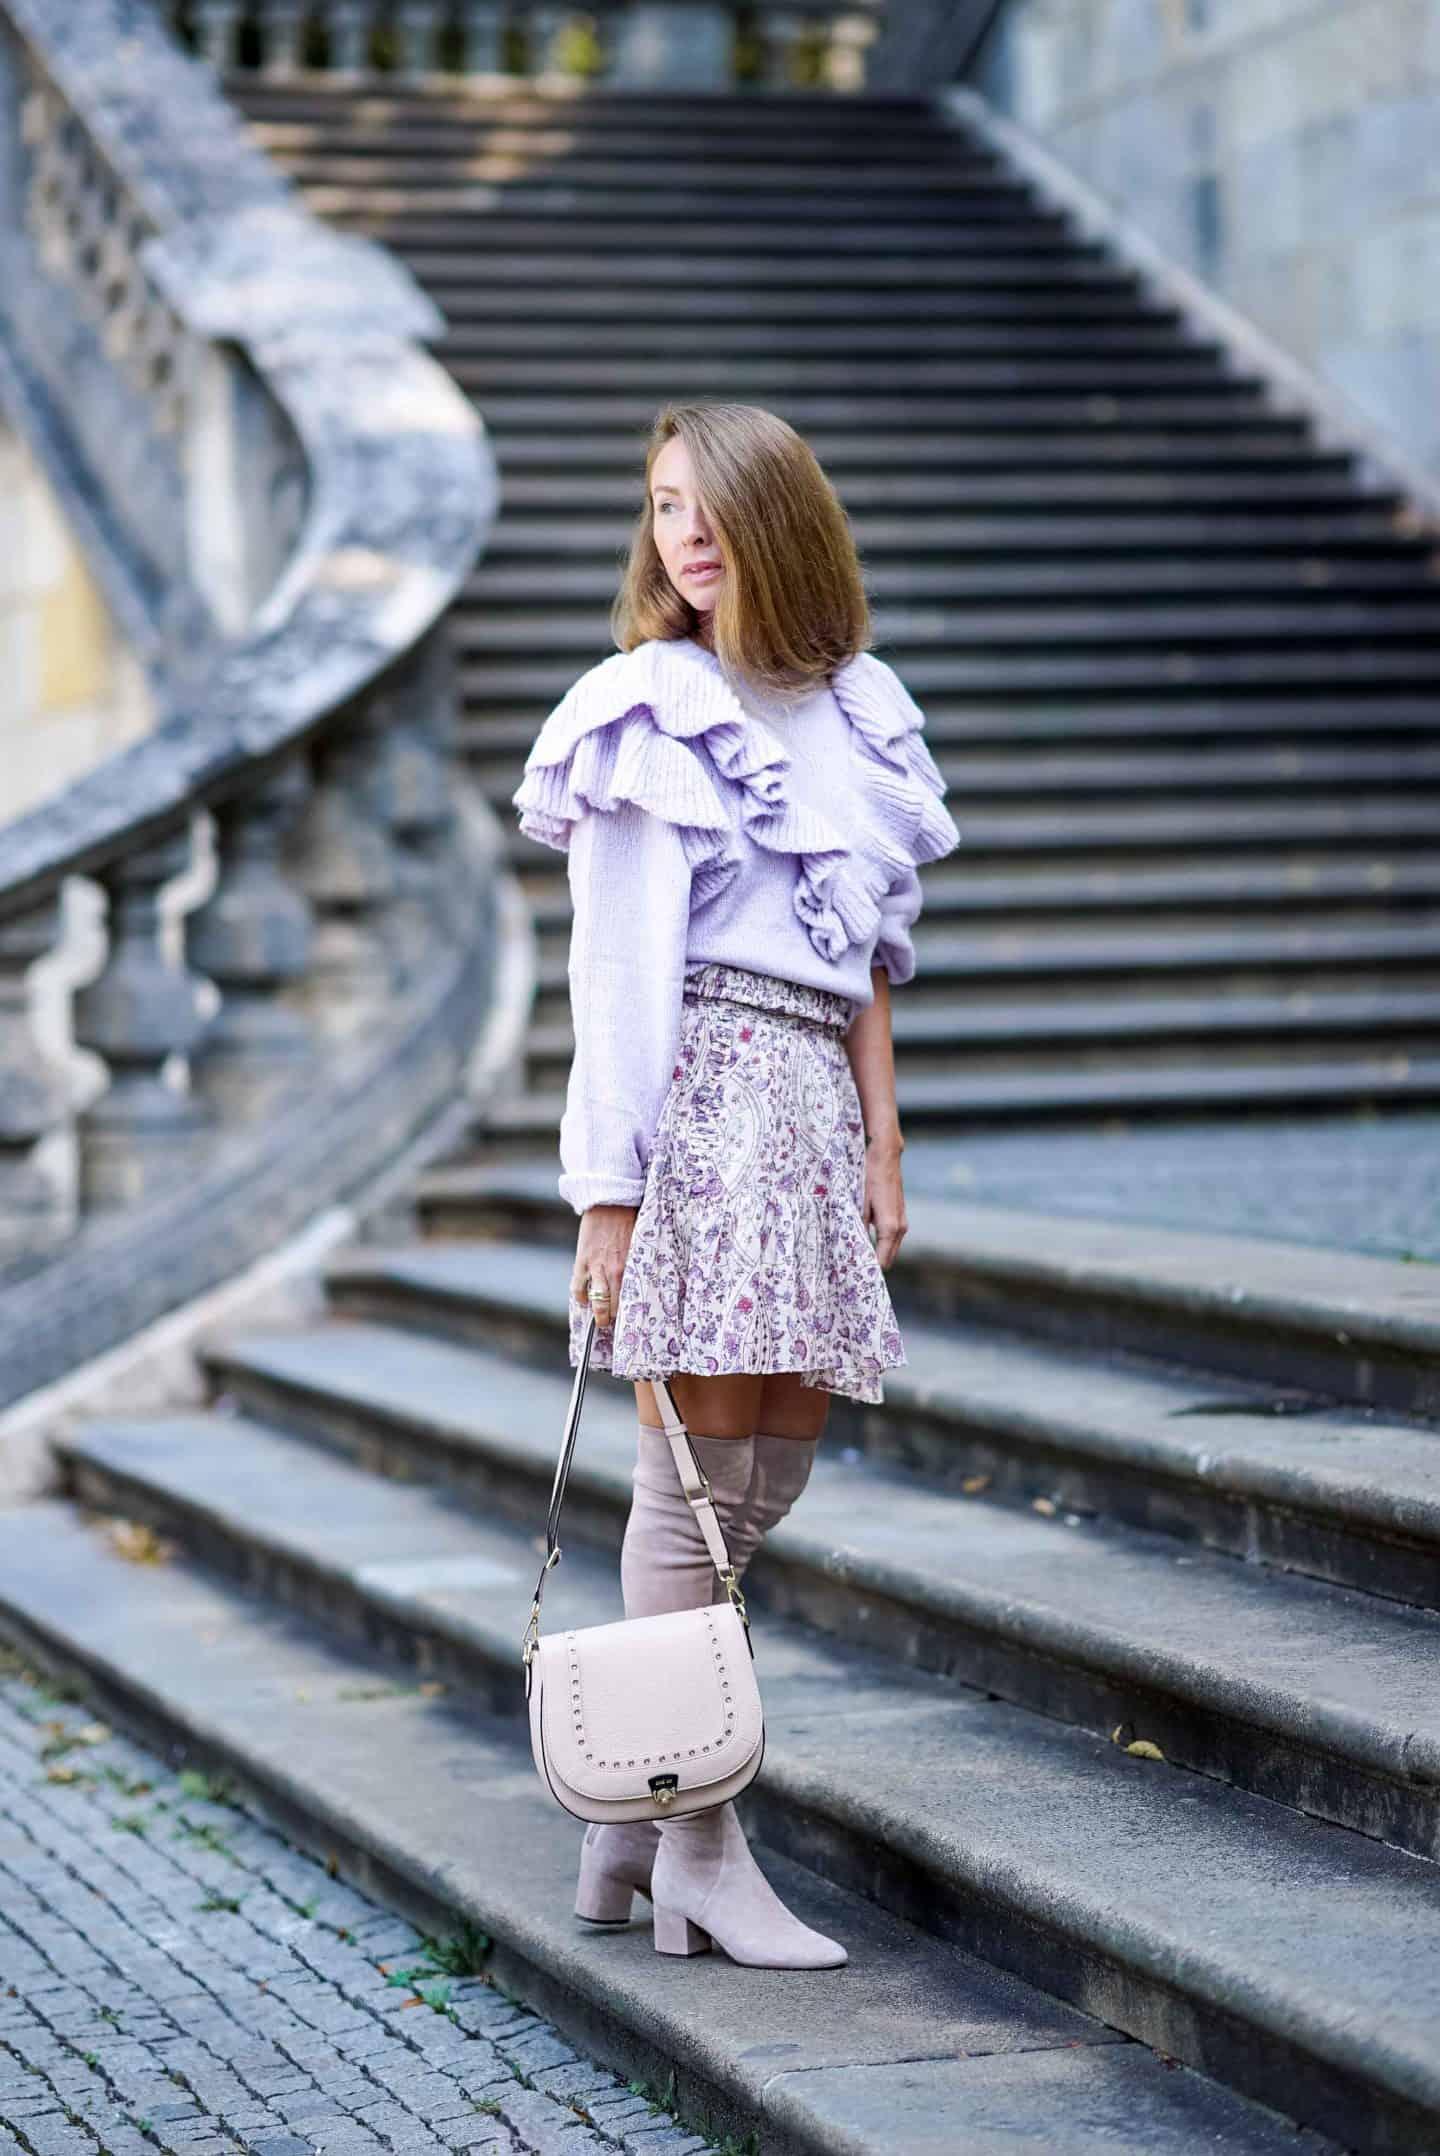 Bloggerin Nicki Nowicki in einem zarten Herbstoutfit